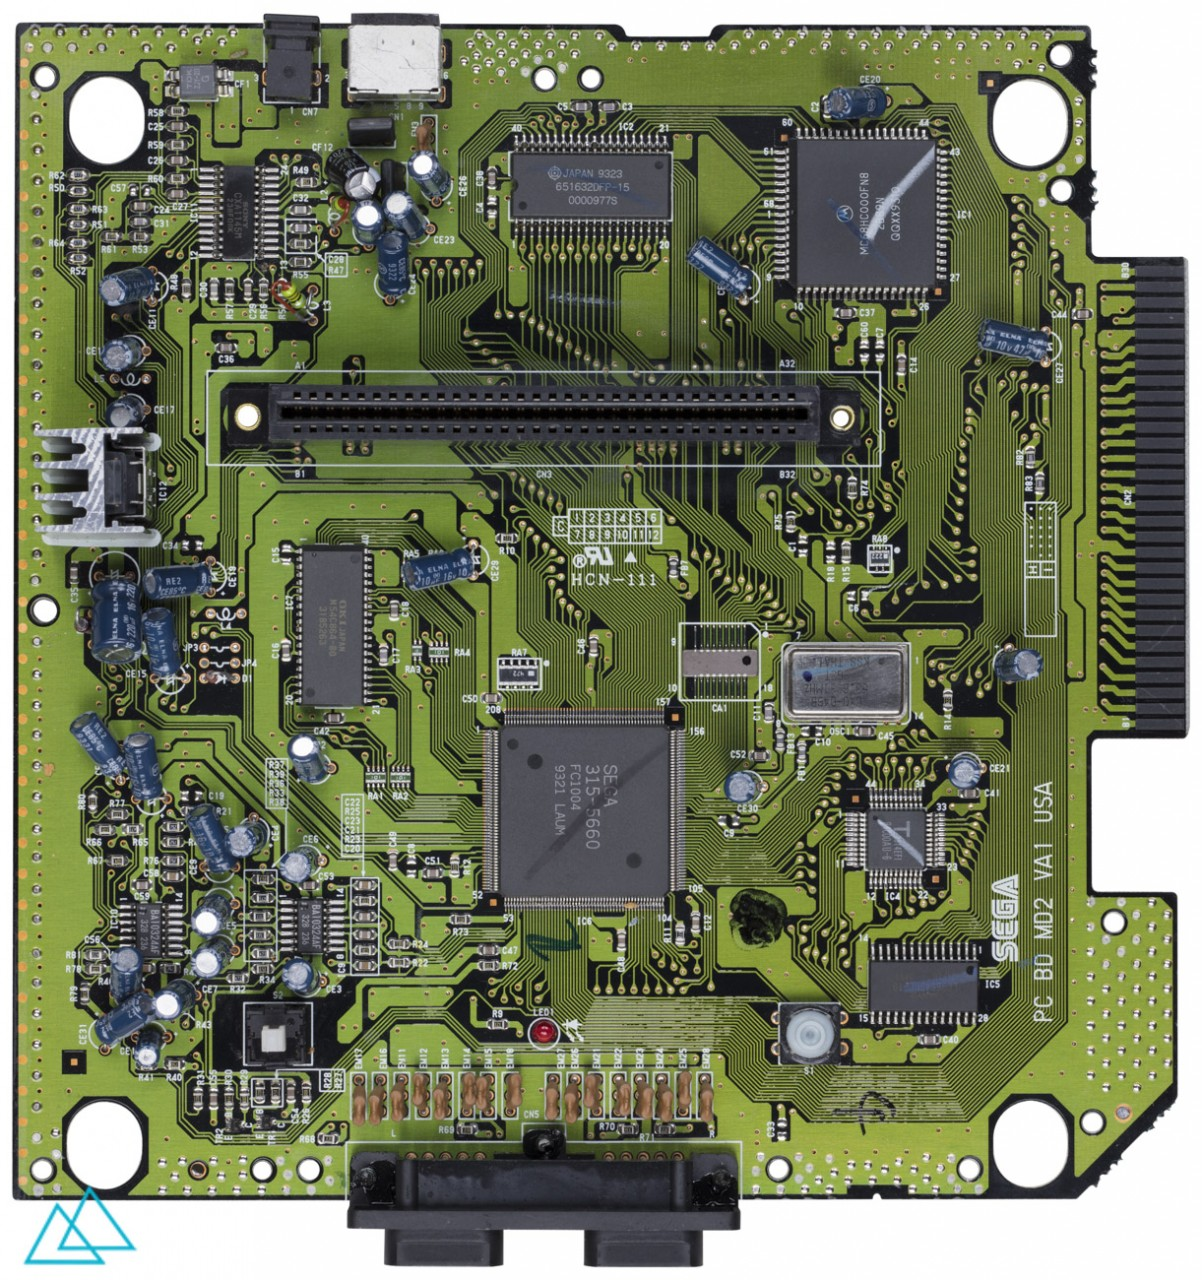 # 108.1 Sega Genesis (2) Main Board